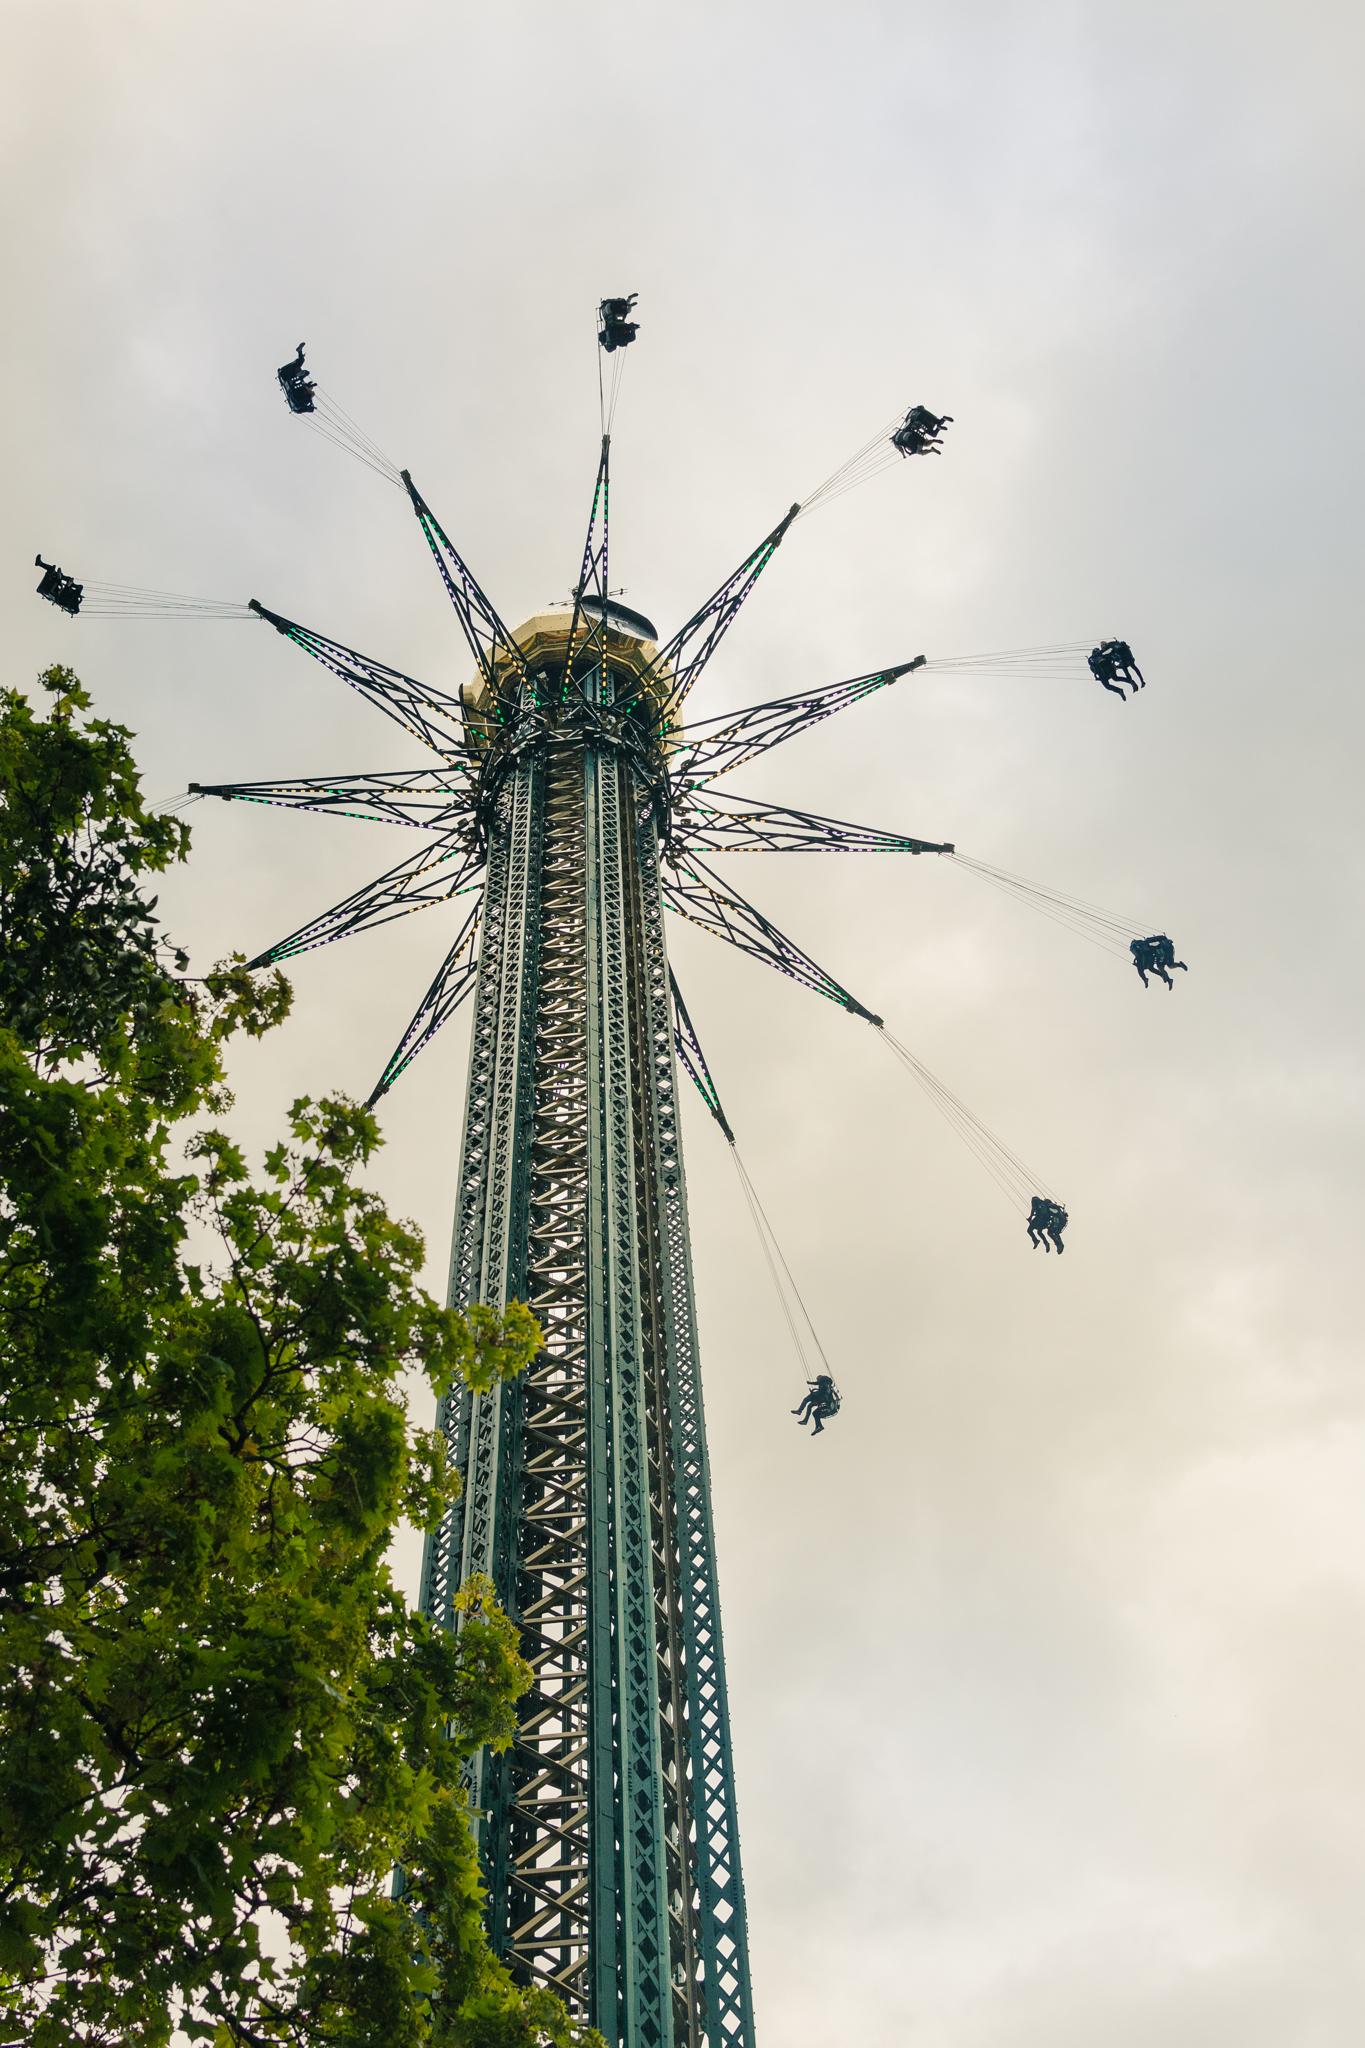 Vista de los juegos del Prater Park. Foto: Sara Apaza.